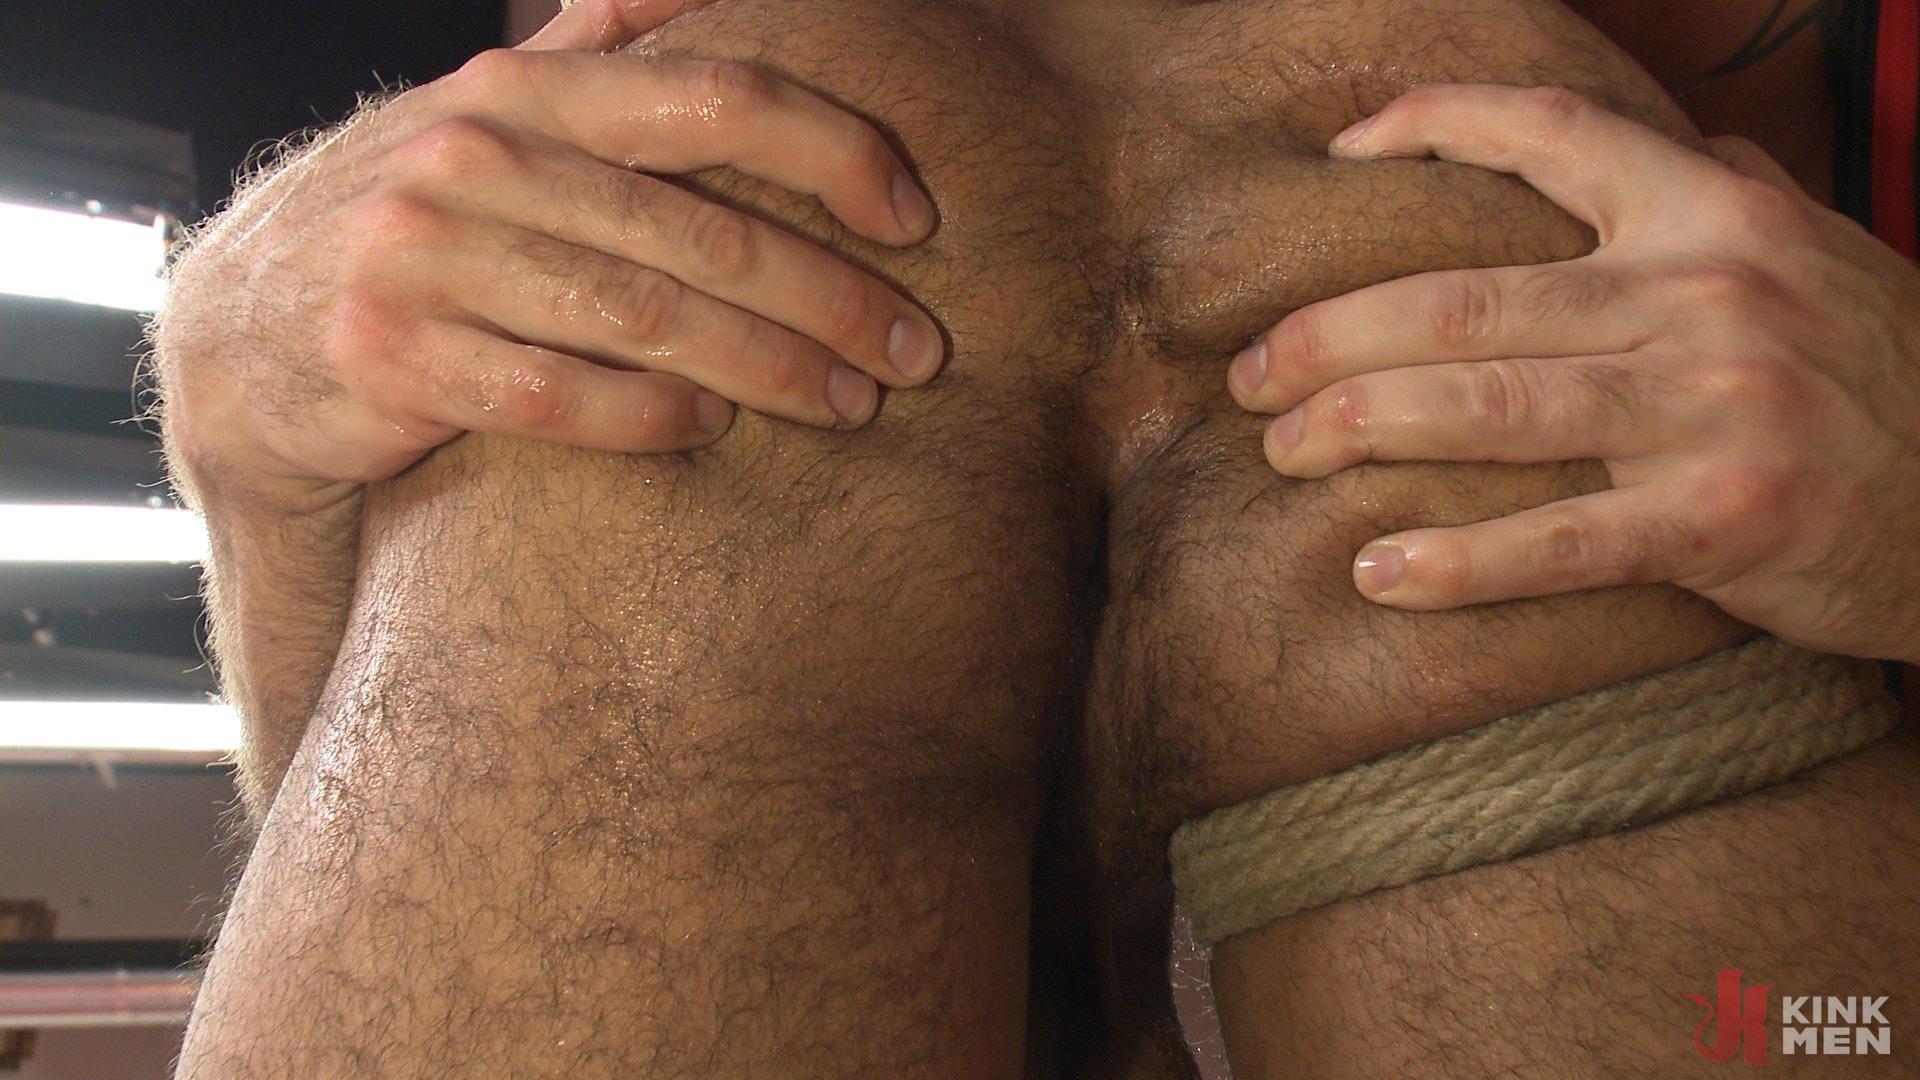 Photo number 13 from Rikk York gets slammed to the mat and edged shot for Men On Edge on Kink.com. Featuring Rikk York in hardcore BDSM & Fetish porn.